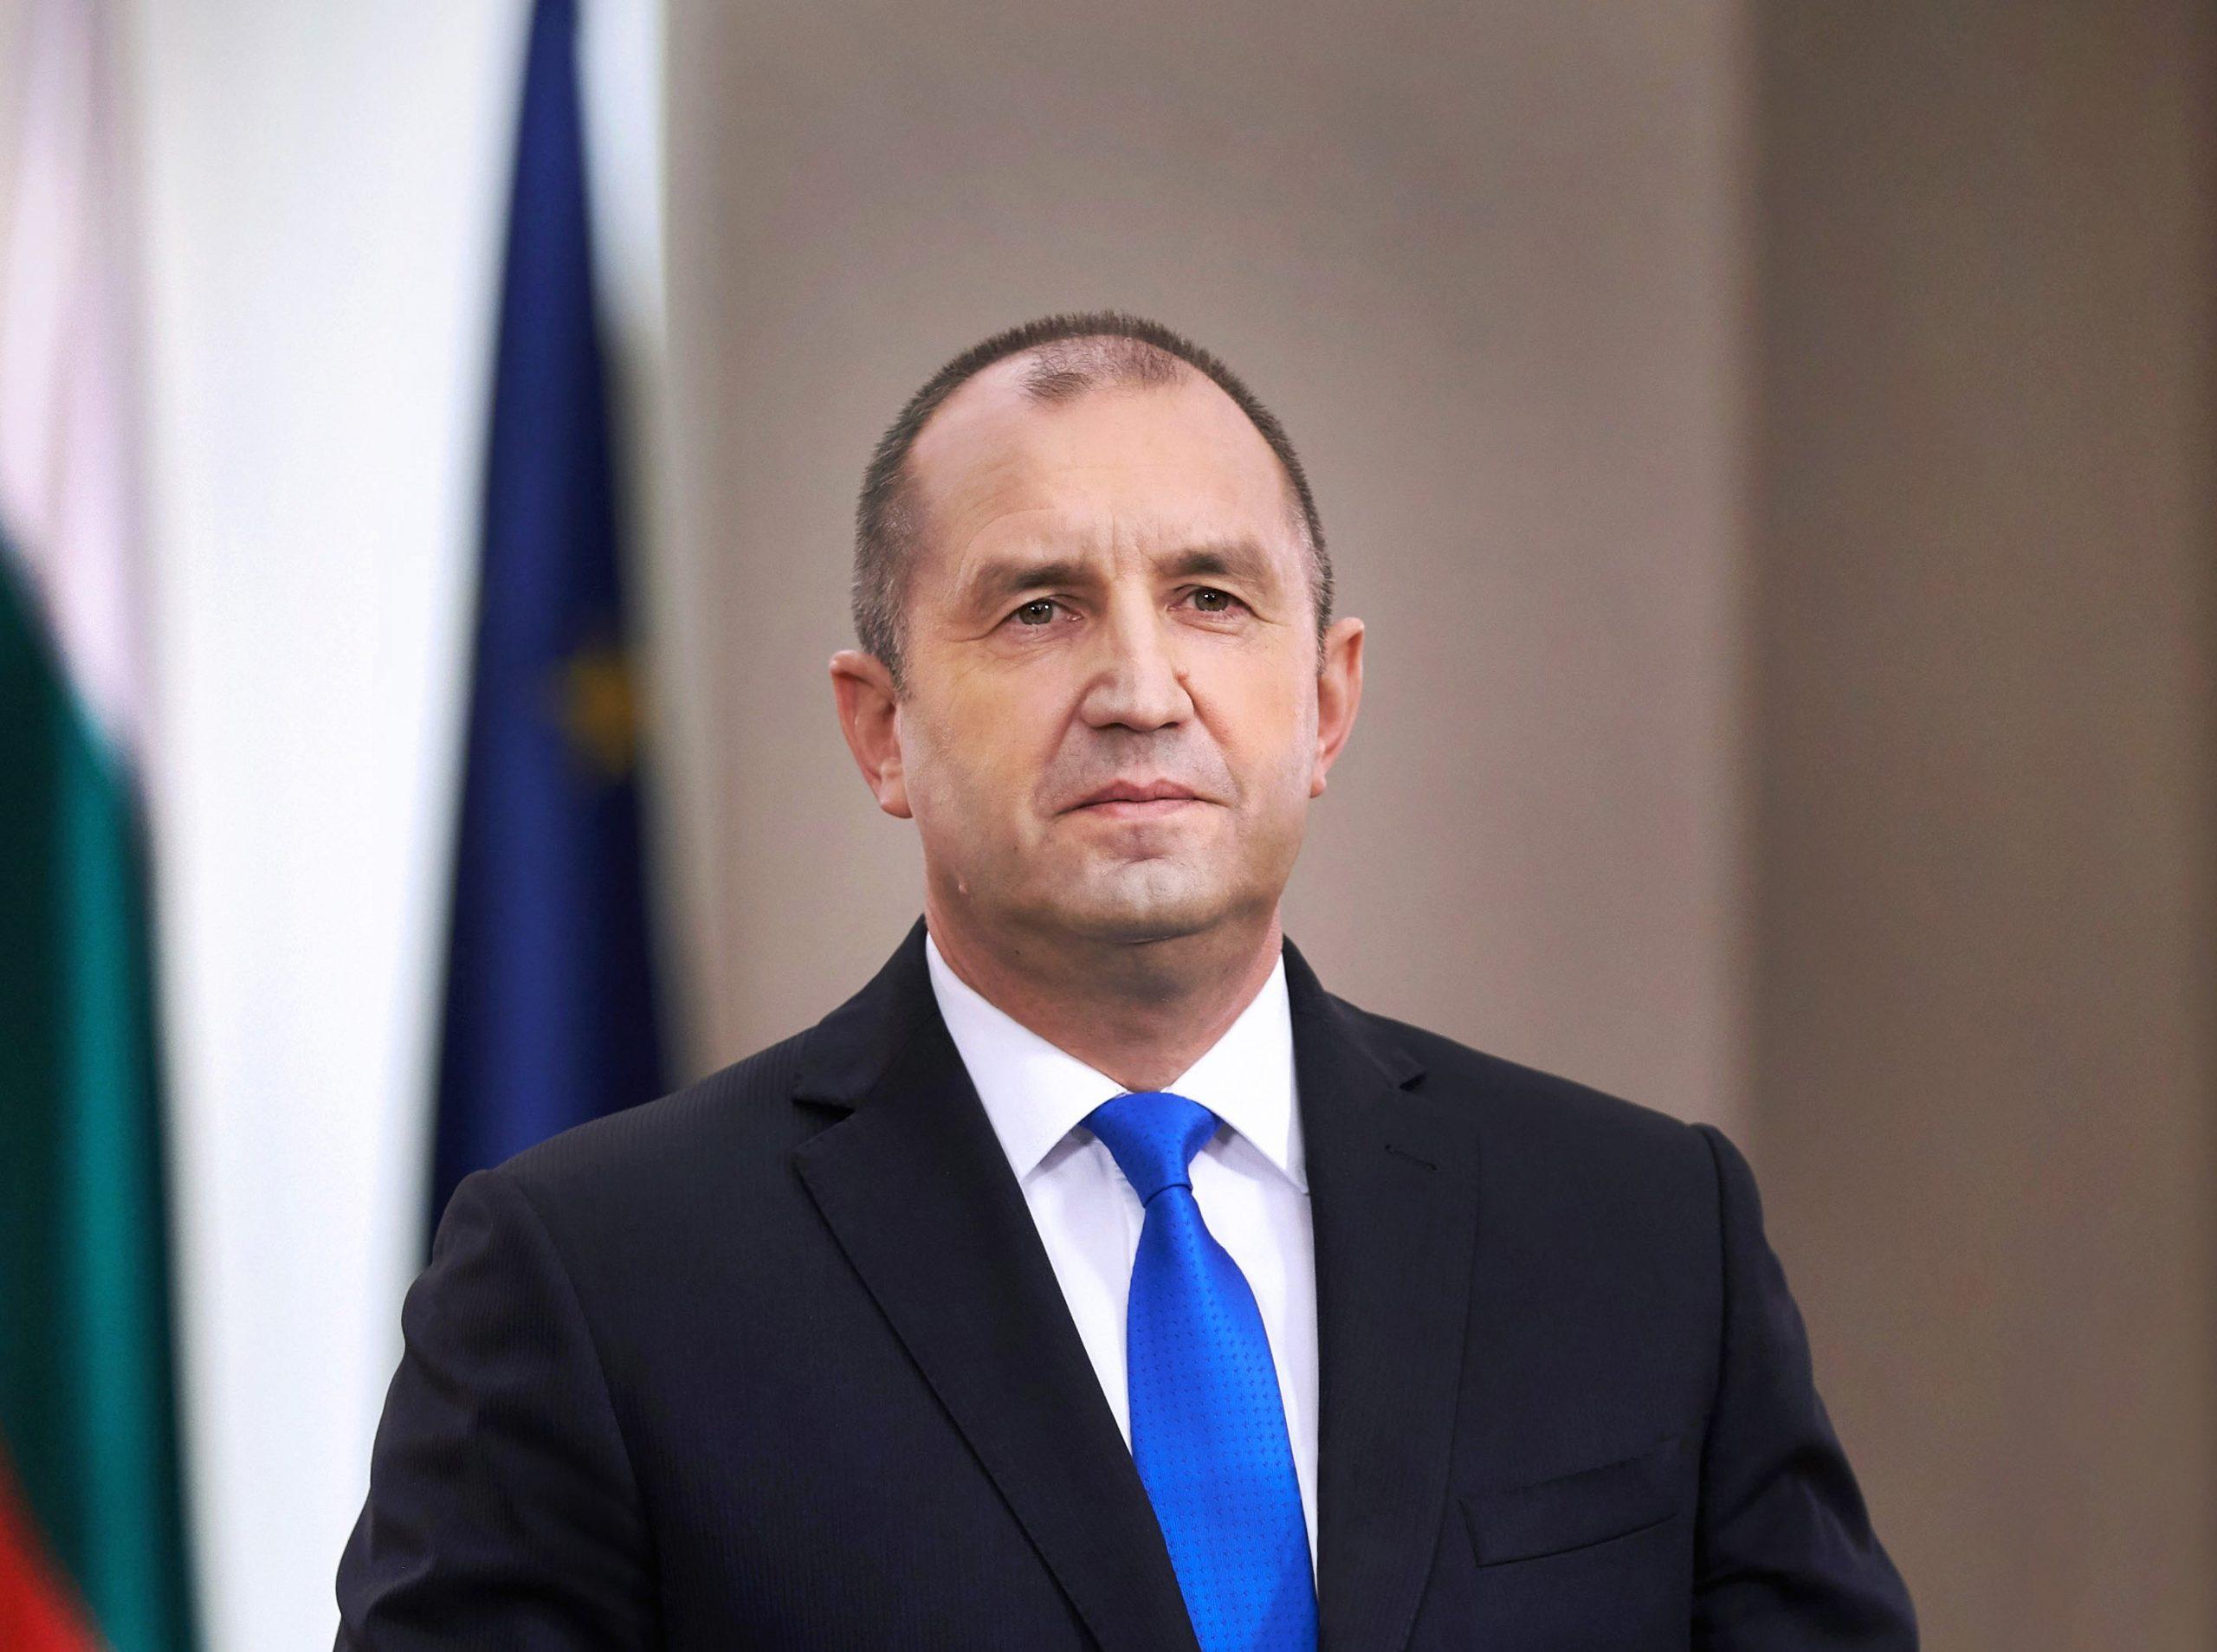 Президентът Румен Радев призовава за своевременна реакция от отговорните институции в България и РСМ на сигналите за дискриминация на наши сънародници в югозападната ни съседка